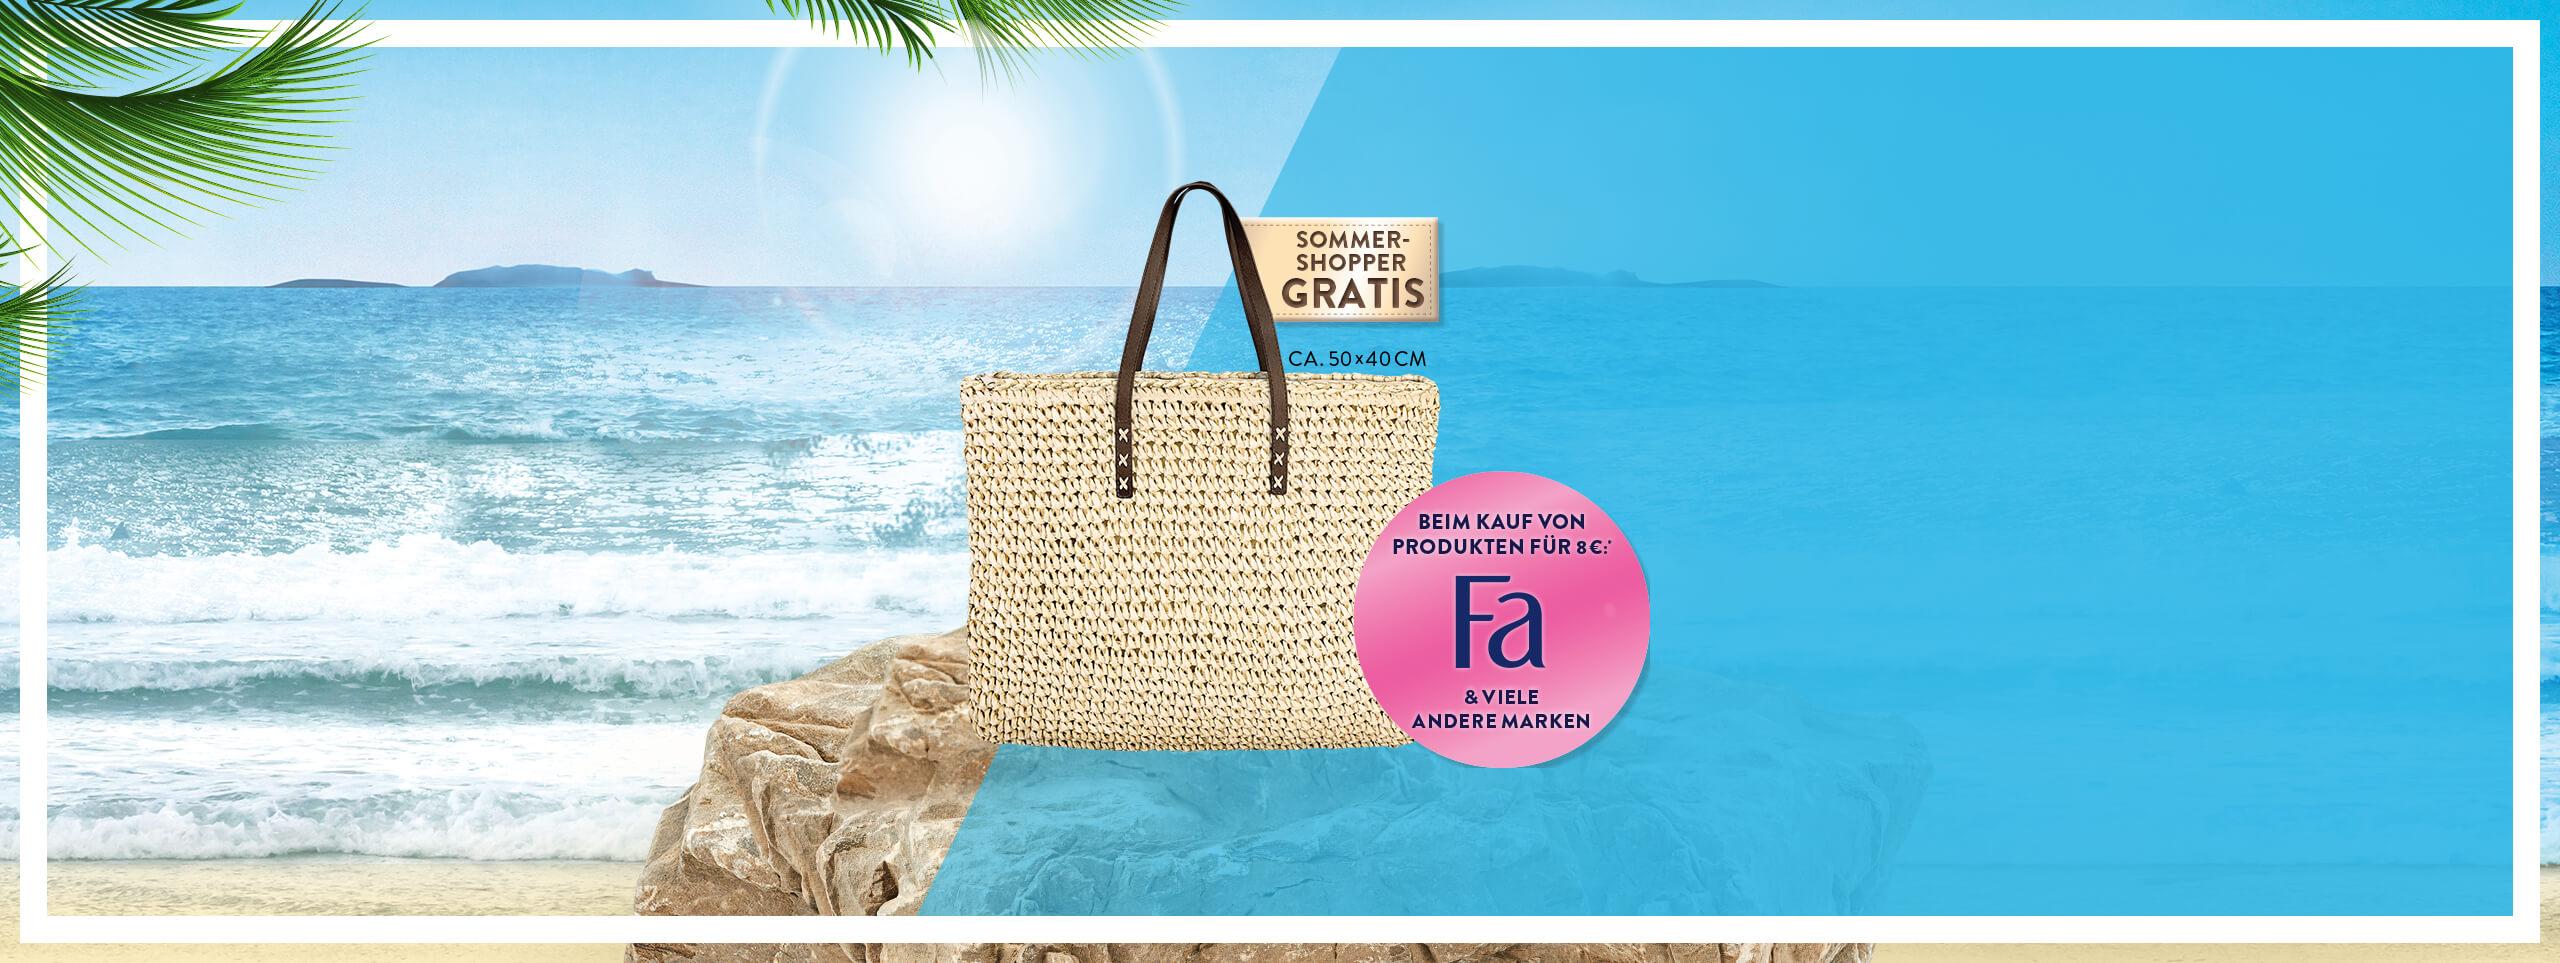 Produkte kaufen - GRATIS Tasche erhalten